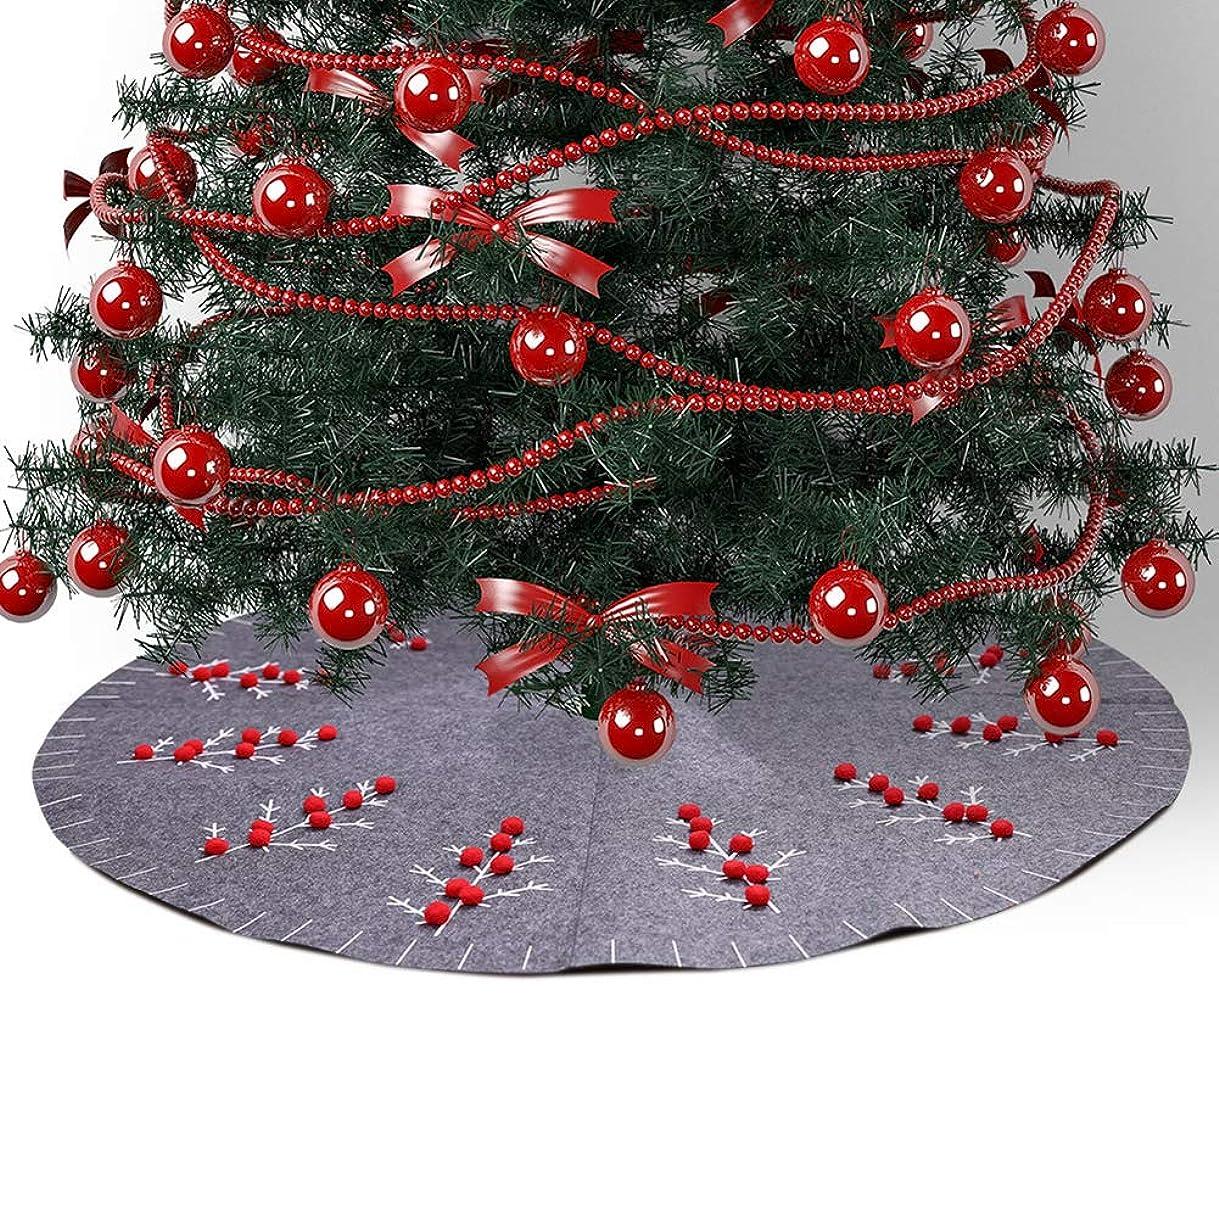 戦闘弁護士かろうじてACHICOO クリスマス装飾 マット用 グレー クリスマスツリースカート 雰囲気作り